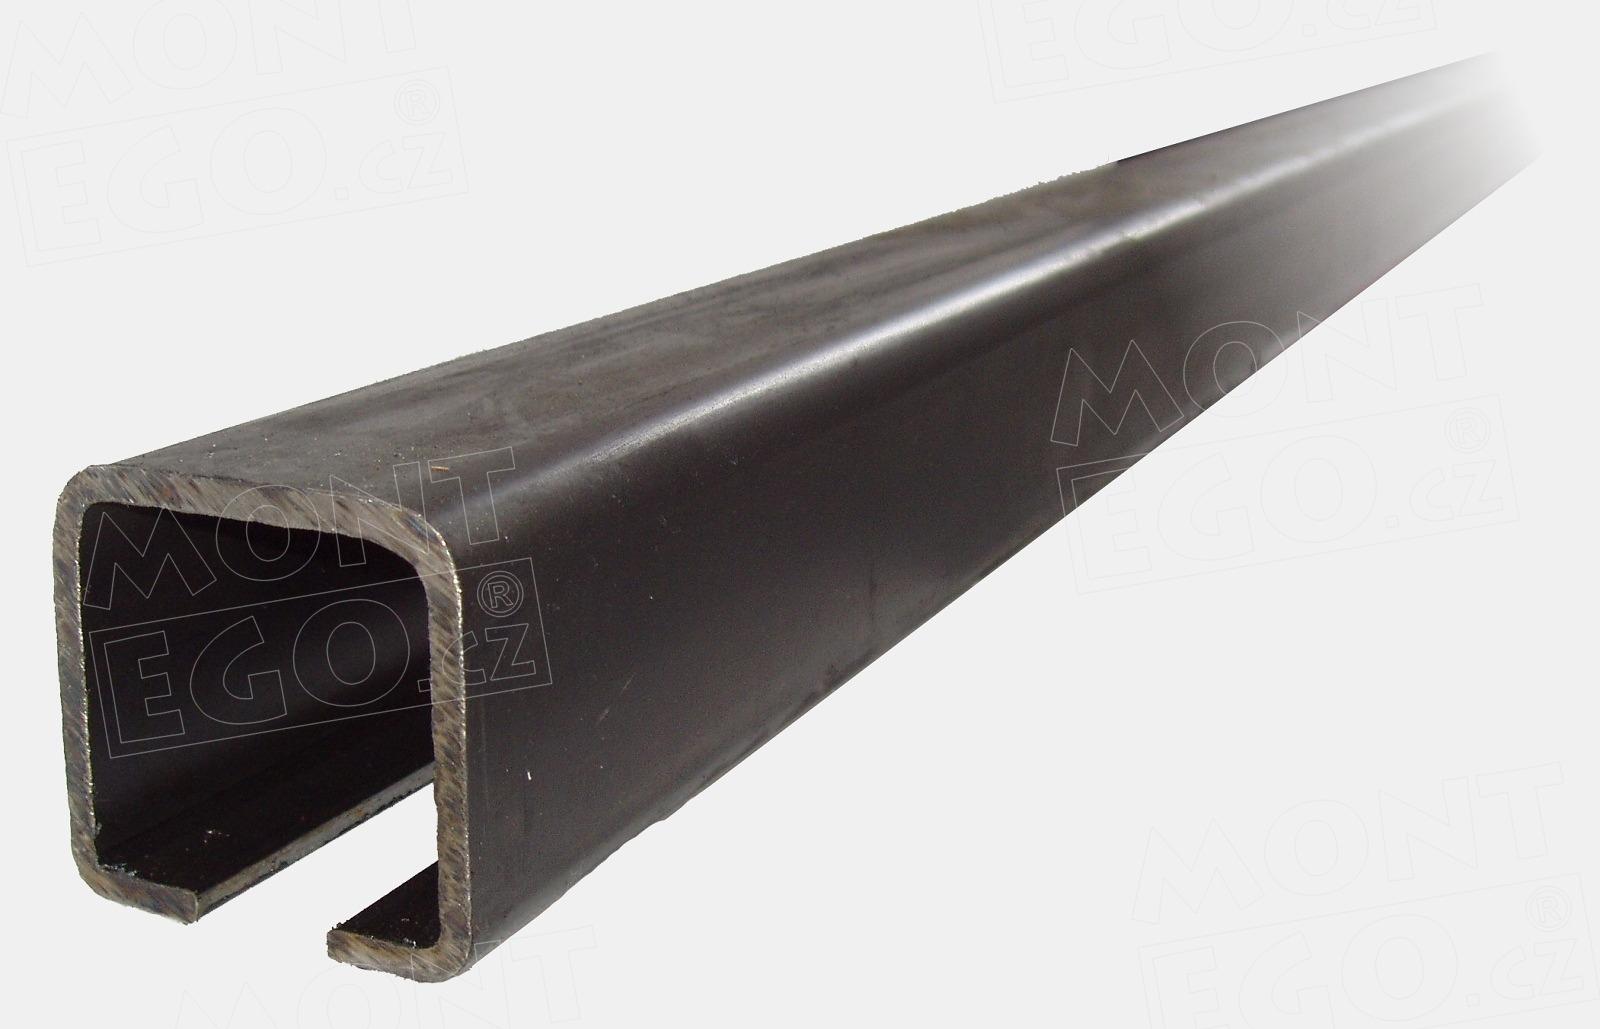 nosný C profil samonosné brány 70x70 mm, síla stěny 4 mm, délka 3 m